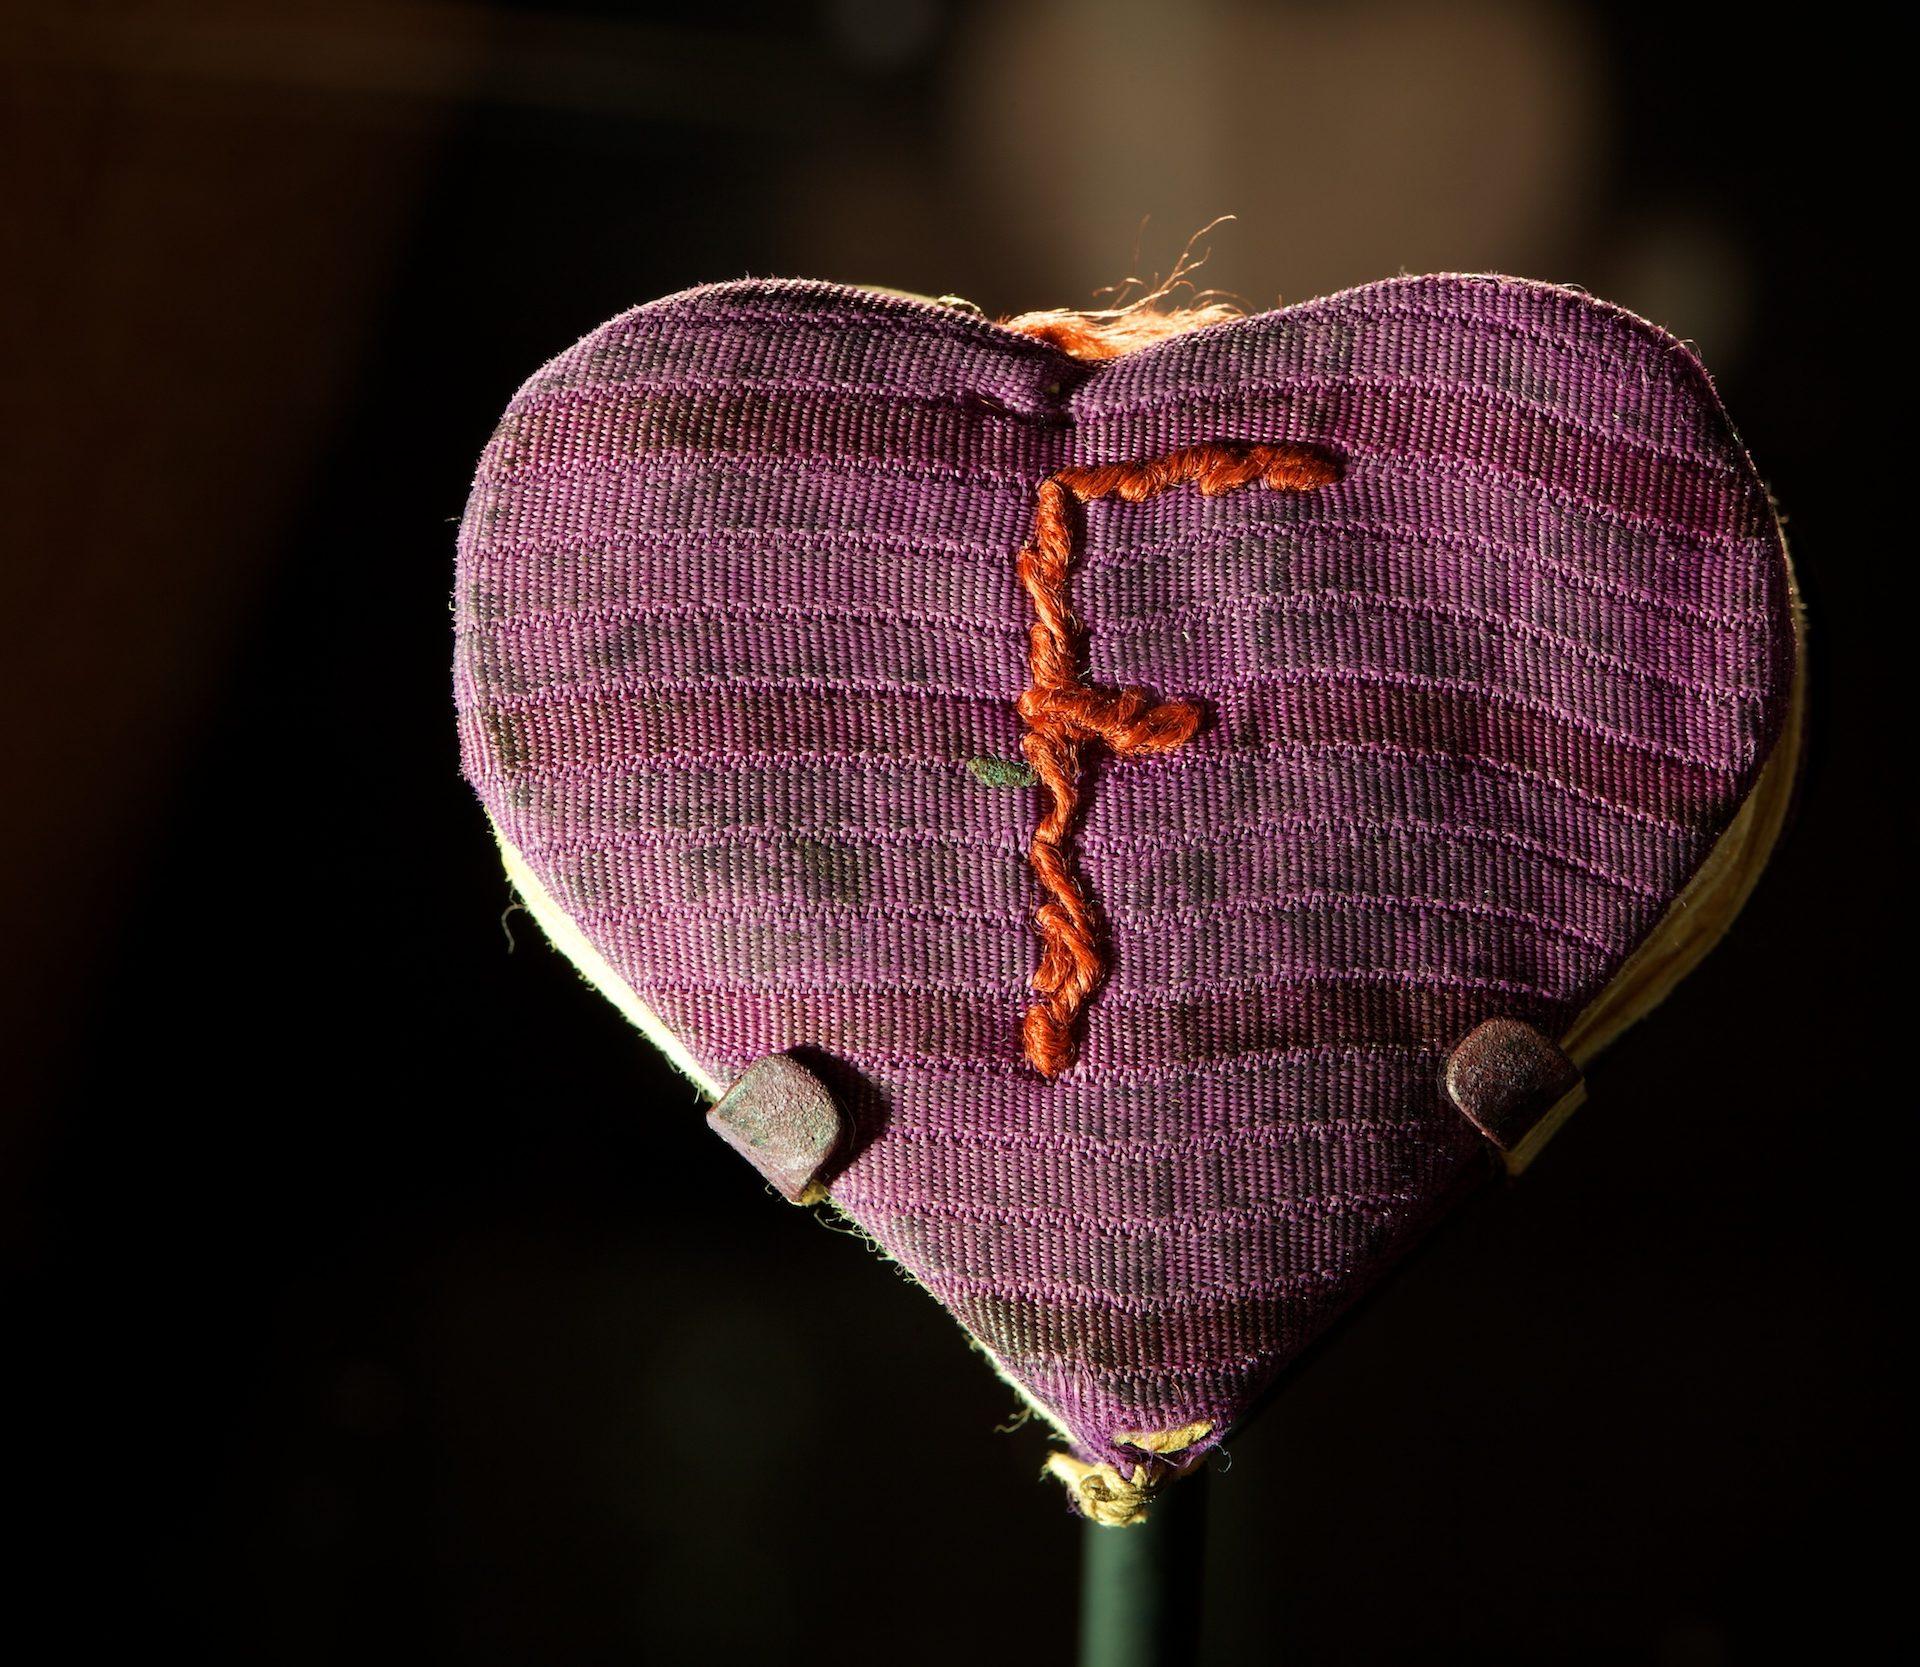 Ce carnet en forme de coeur est une carte de souhaits offerte à Fania Fainer pour son 20e anniversaire, le 12 décembre 1944, lorsqu'elle était à Auschwitz. Photo: Vadim Daniel